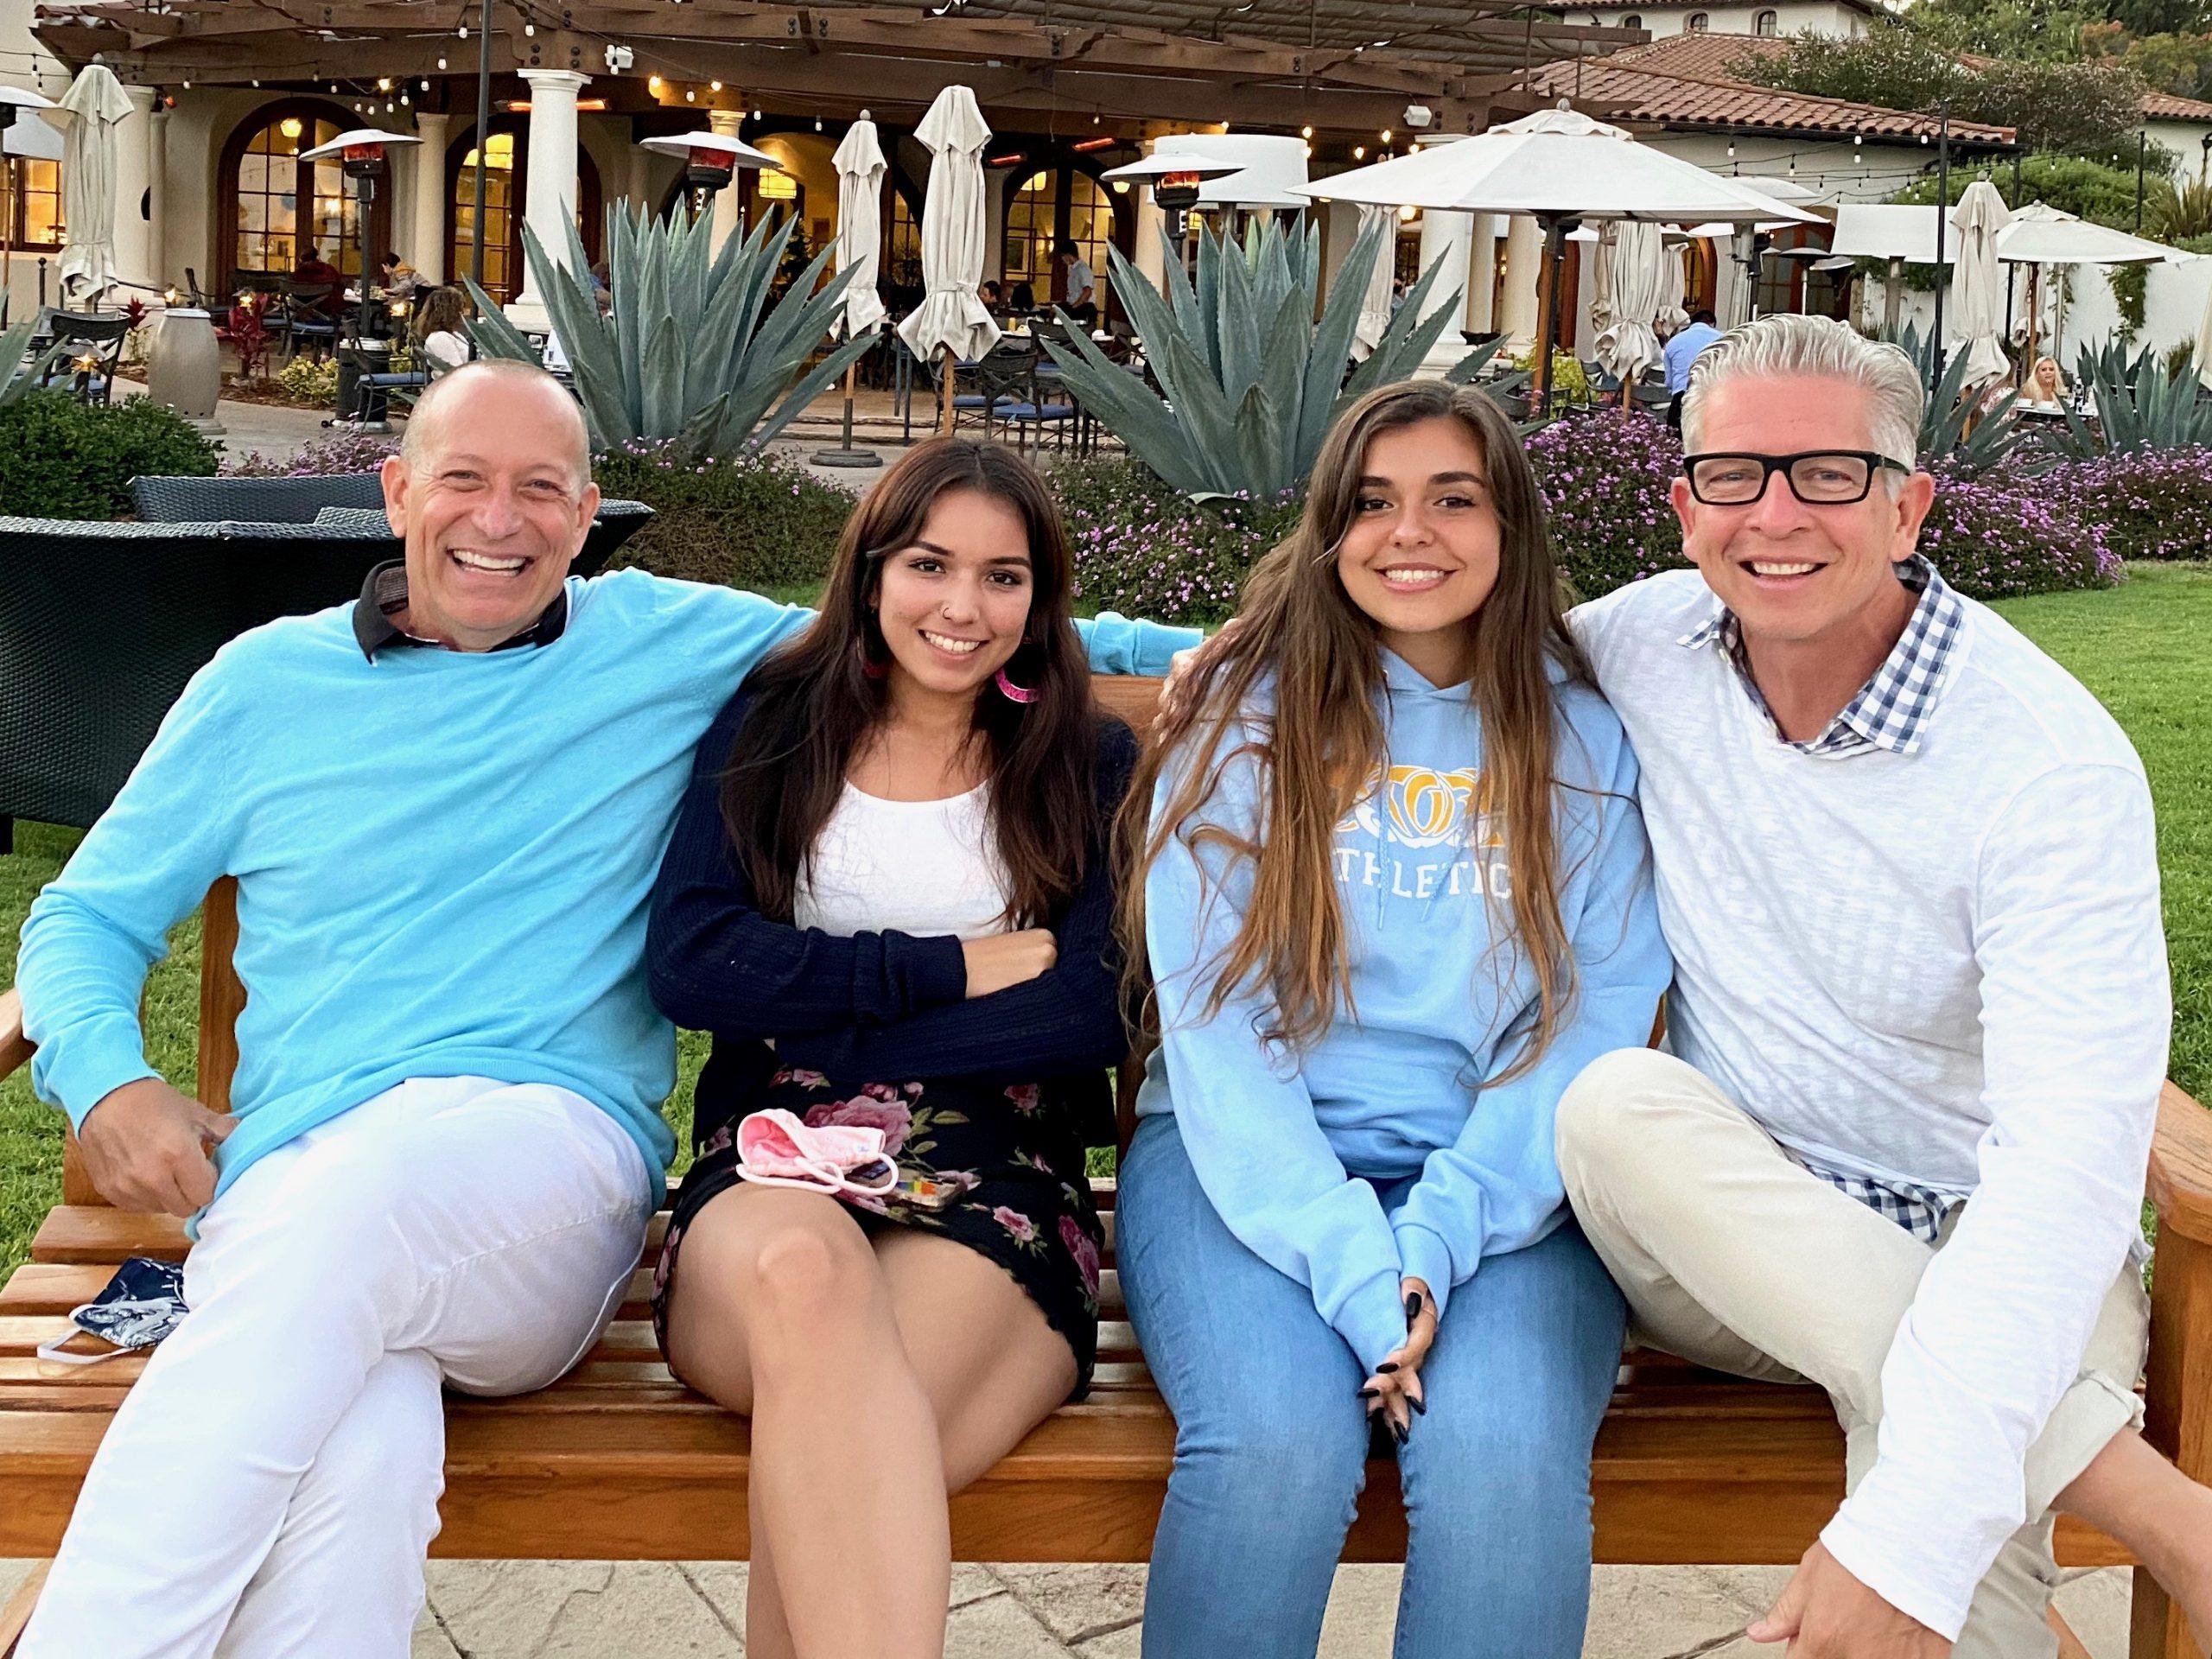 2 dads with daughters at Ritz-Carlton Bacara Resort in Santa Barbara, CA